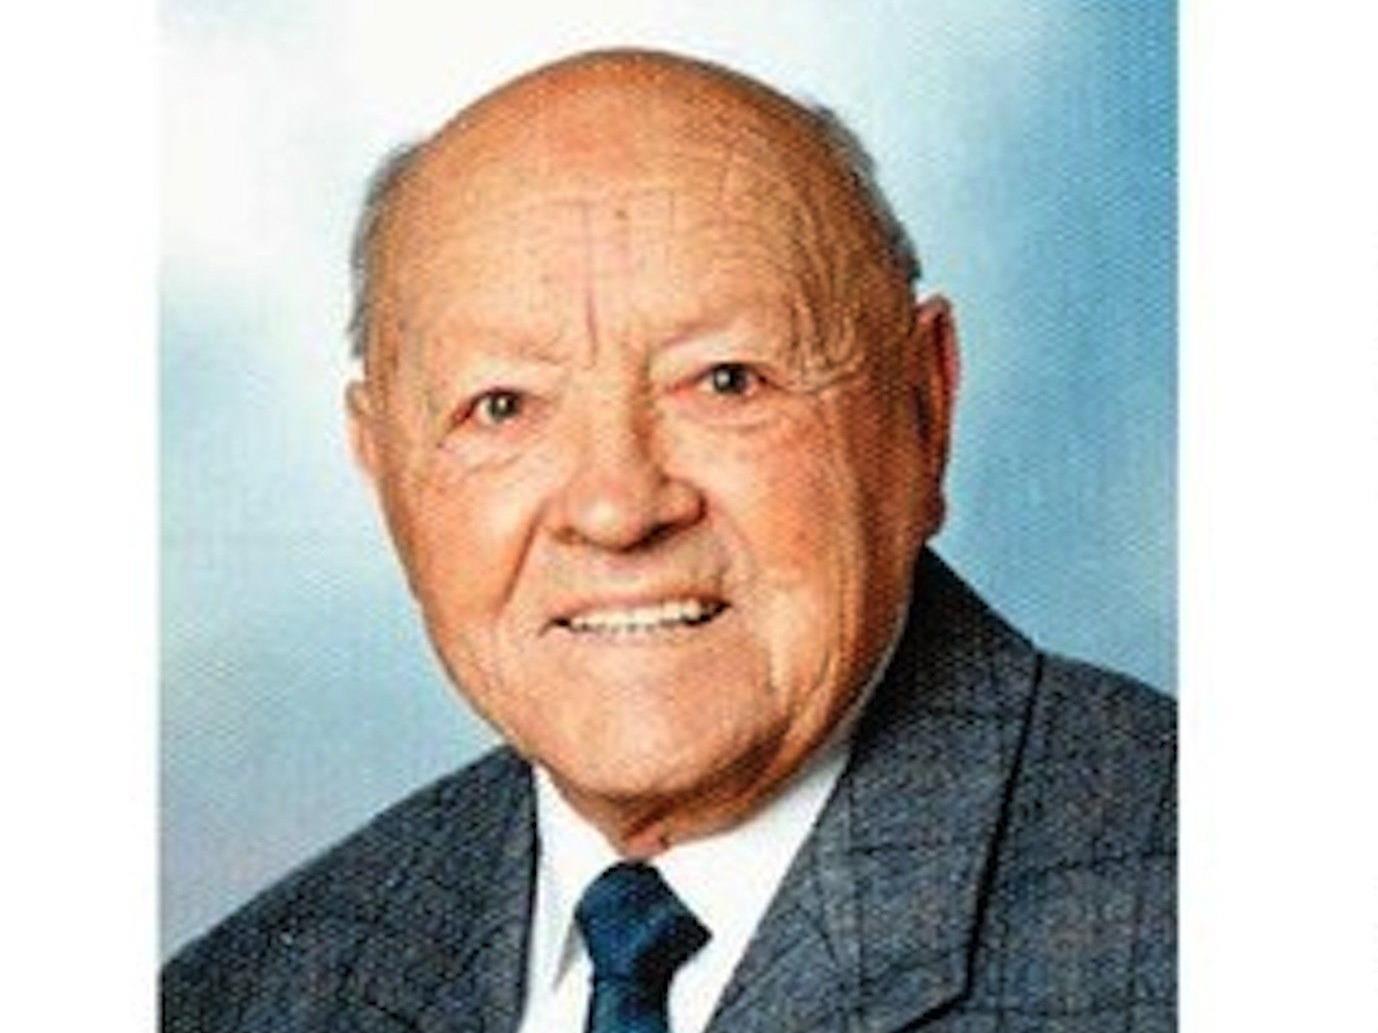 Otto Belutta, langjähriges Mitglied der FFW Vandans und Gmeinderat verstarb am 6. Februar 2013 im Alter von 99 Jahren.